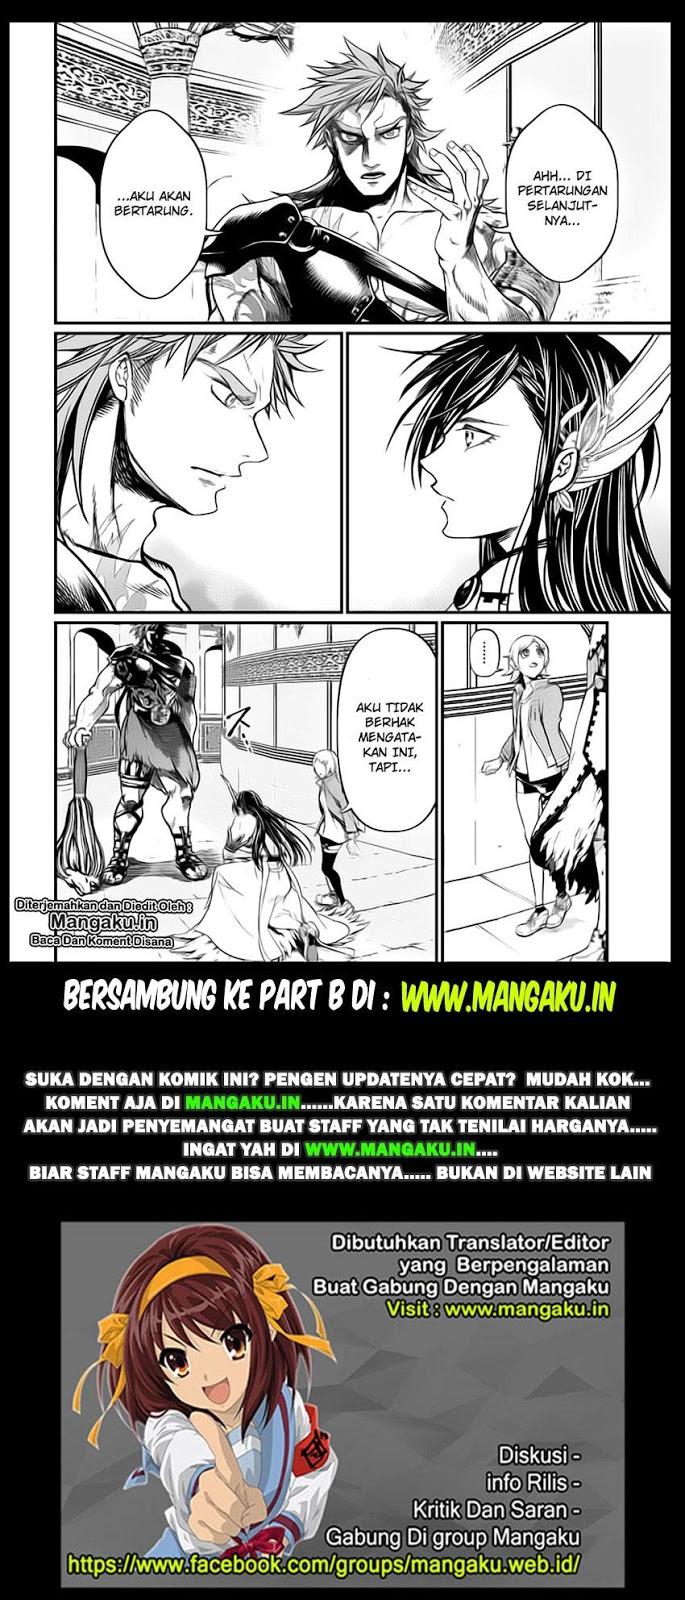 Shuumatsu no Valkyrie: Chapter 20 - Page 24